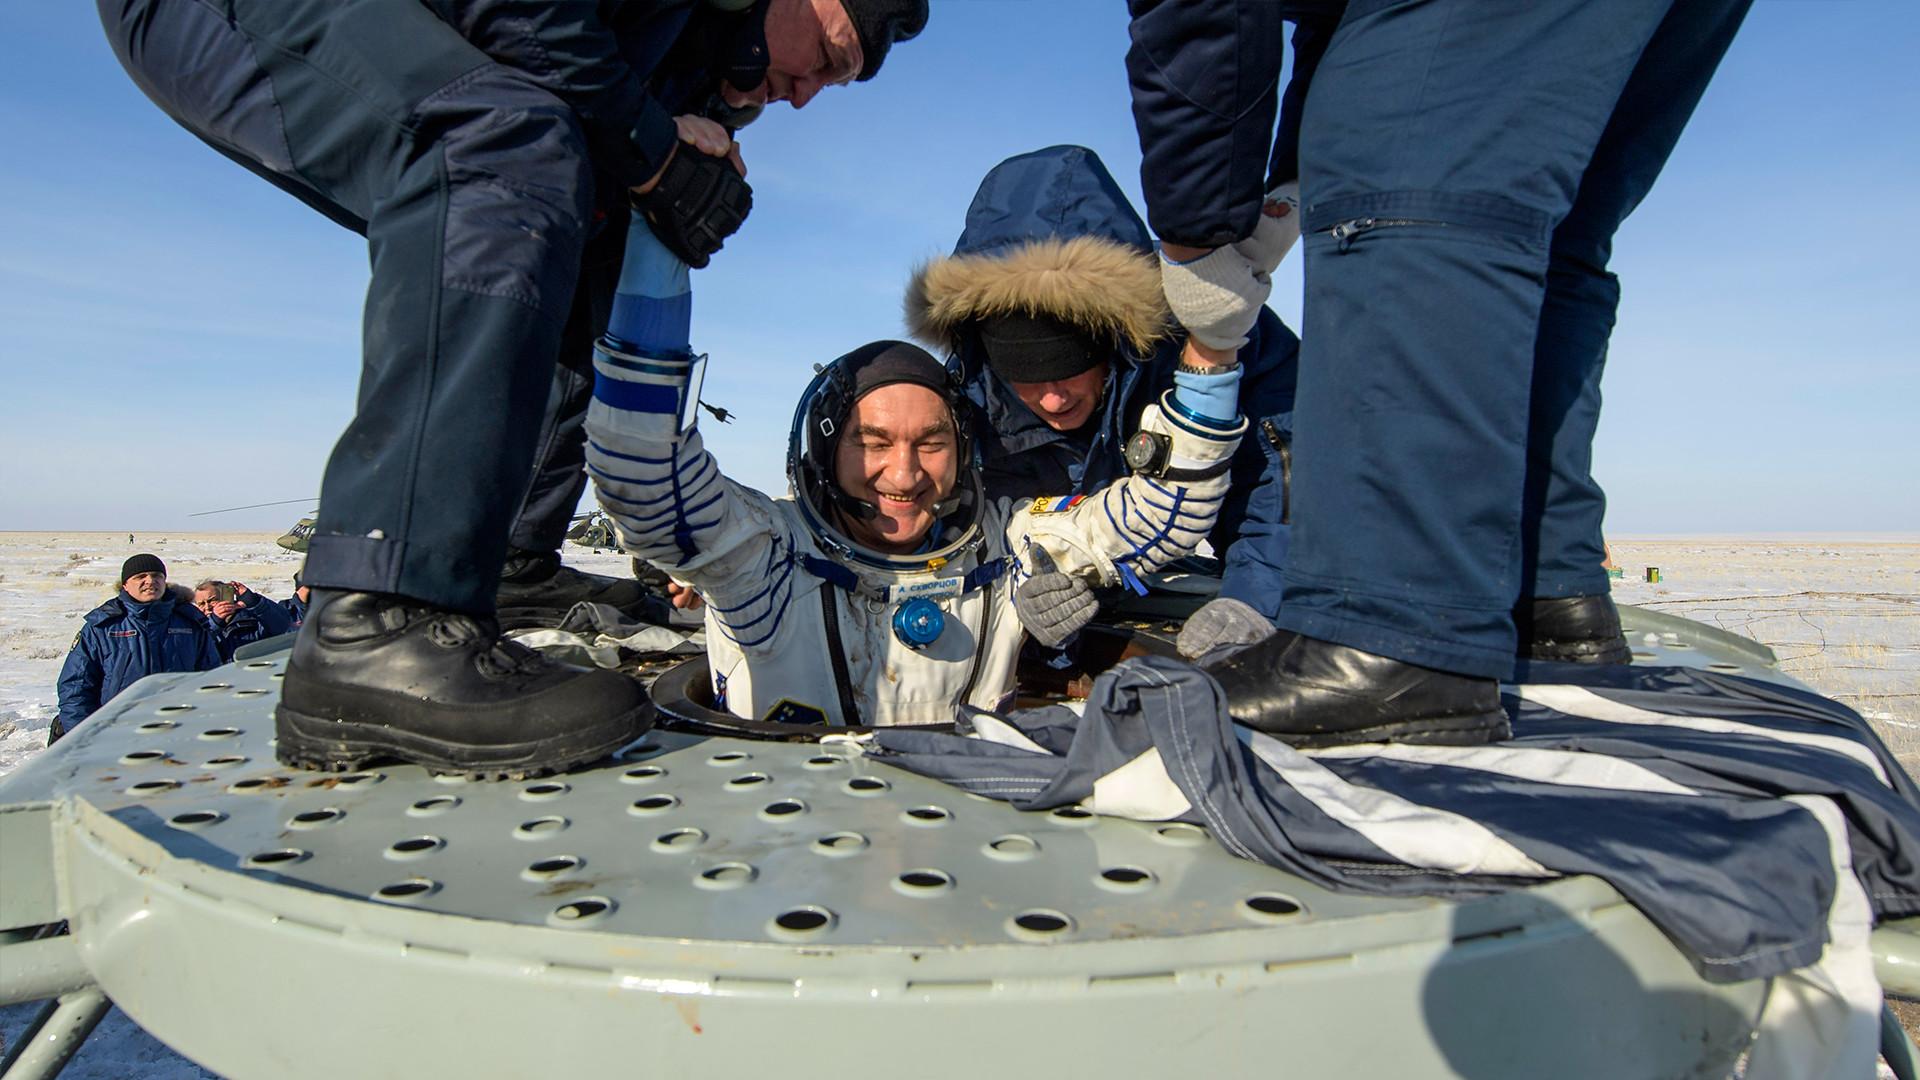 Ruskemu kozmonavtu Aleksandru Skvorcovu pomagajo pri izstopu iz plovila Sojuz MS-13, le nekaj minut po pristanku v kazaški stepi blizu mesta Žezkazgan. 6. februarja 2020.